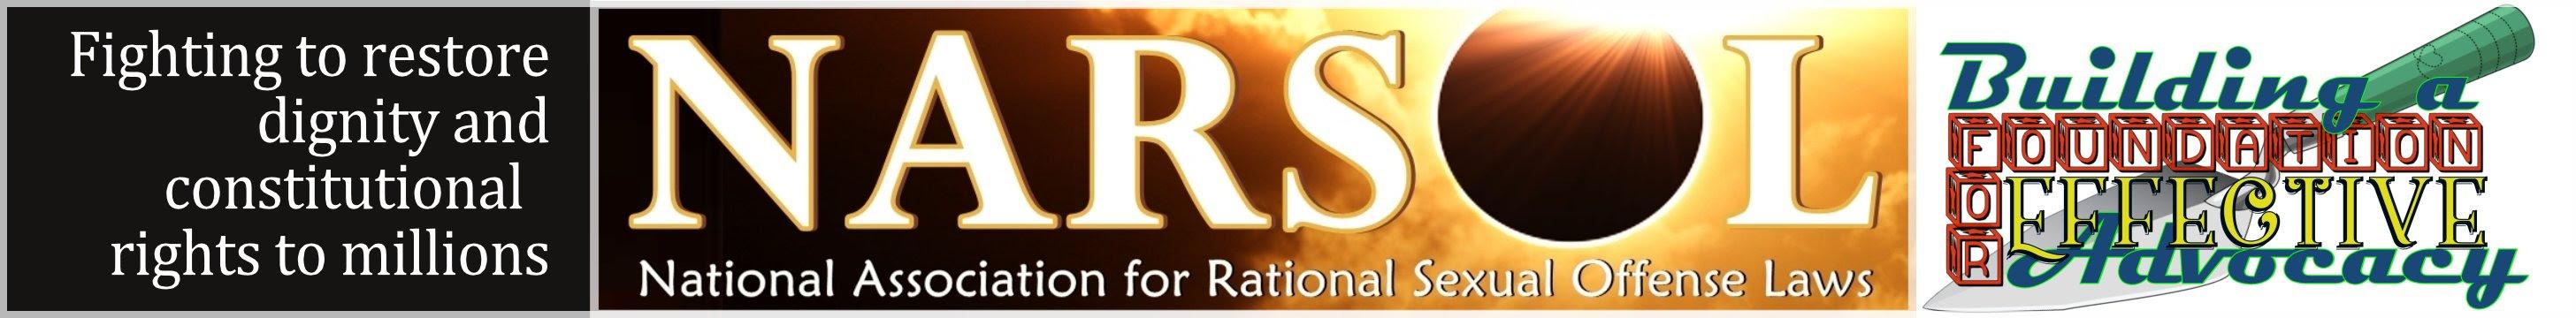 NARSOL logo